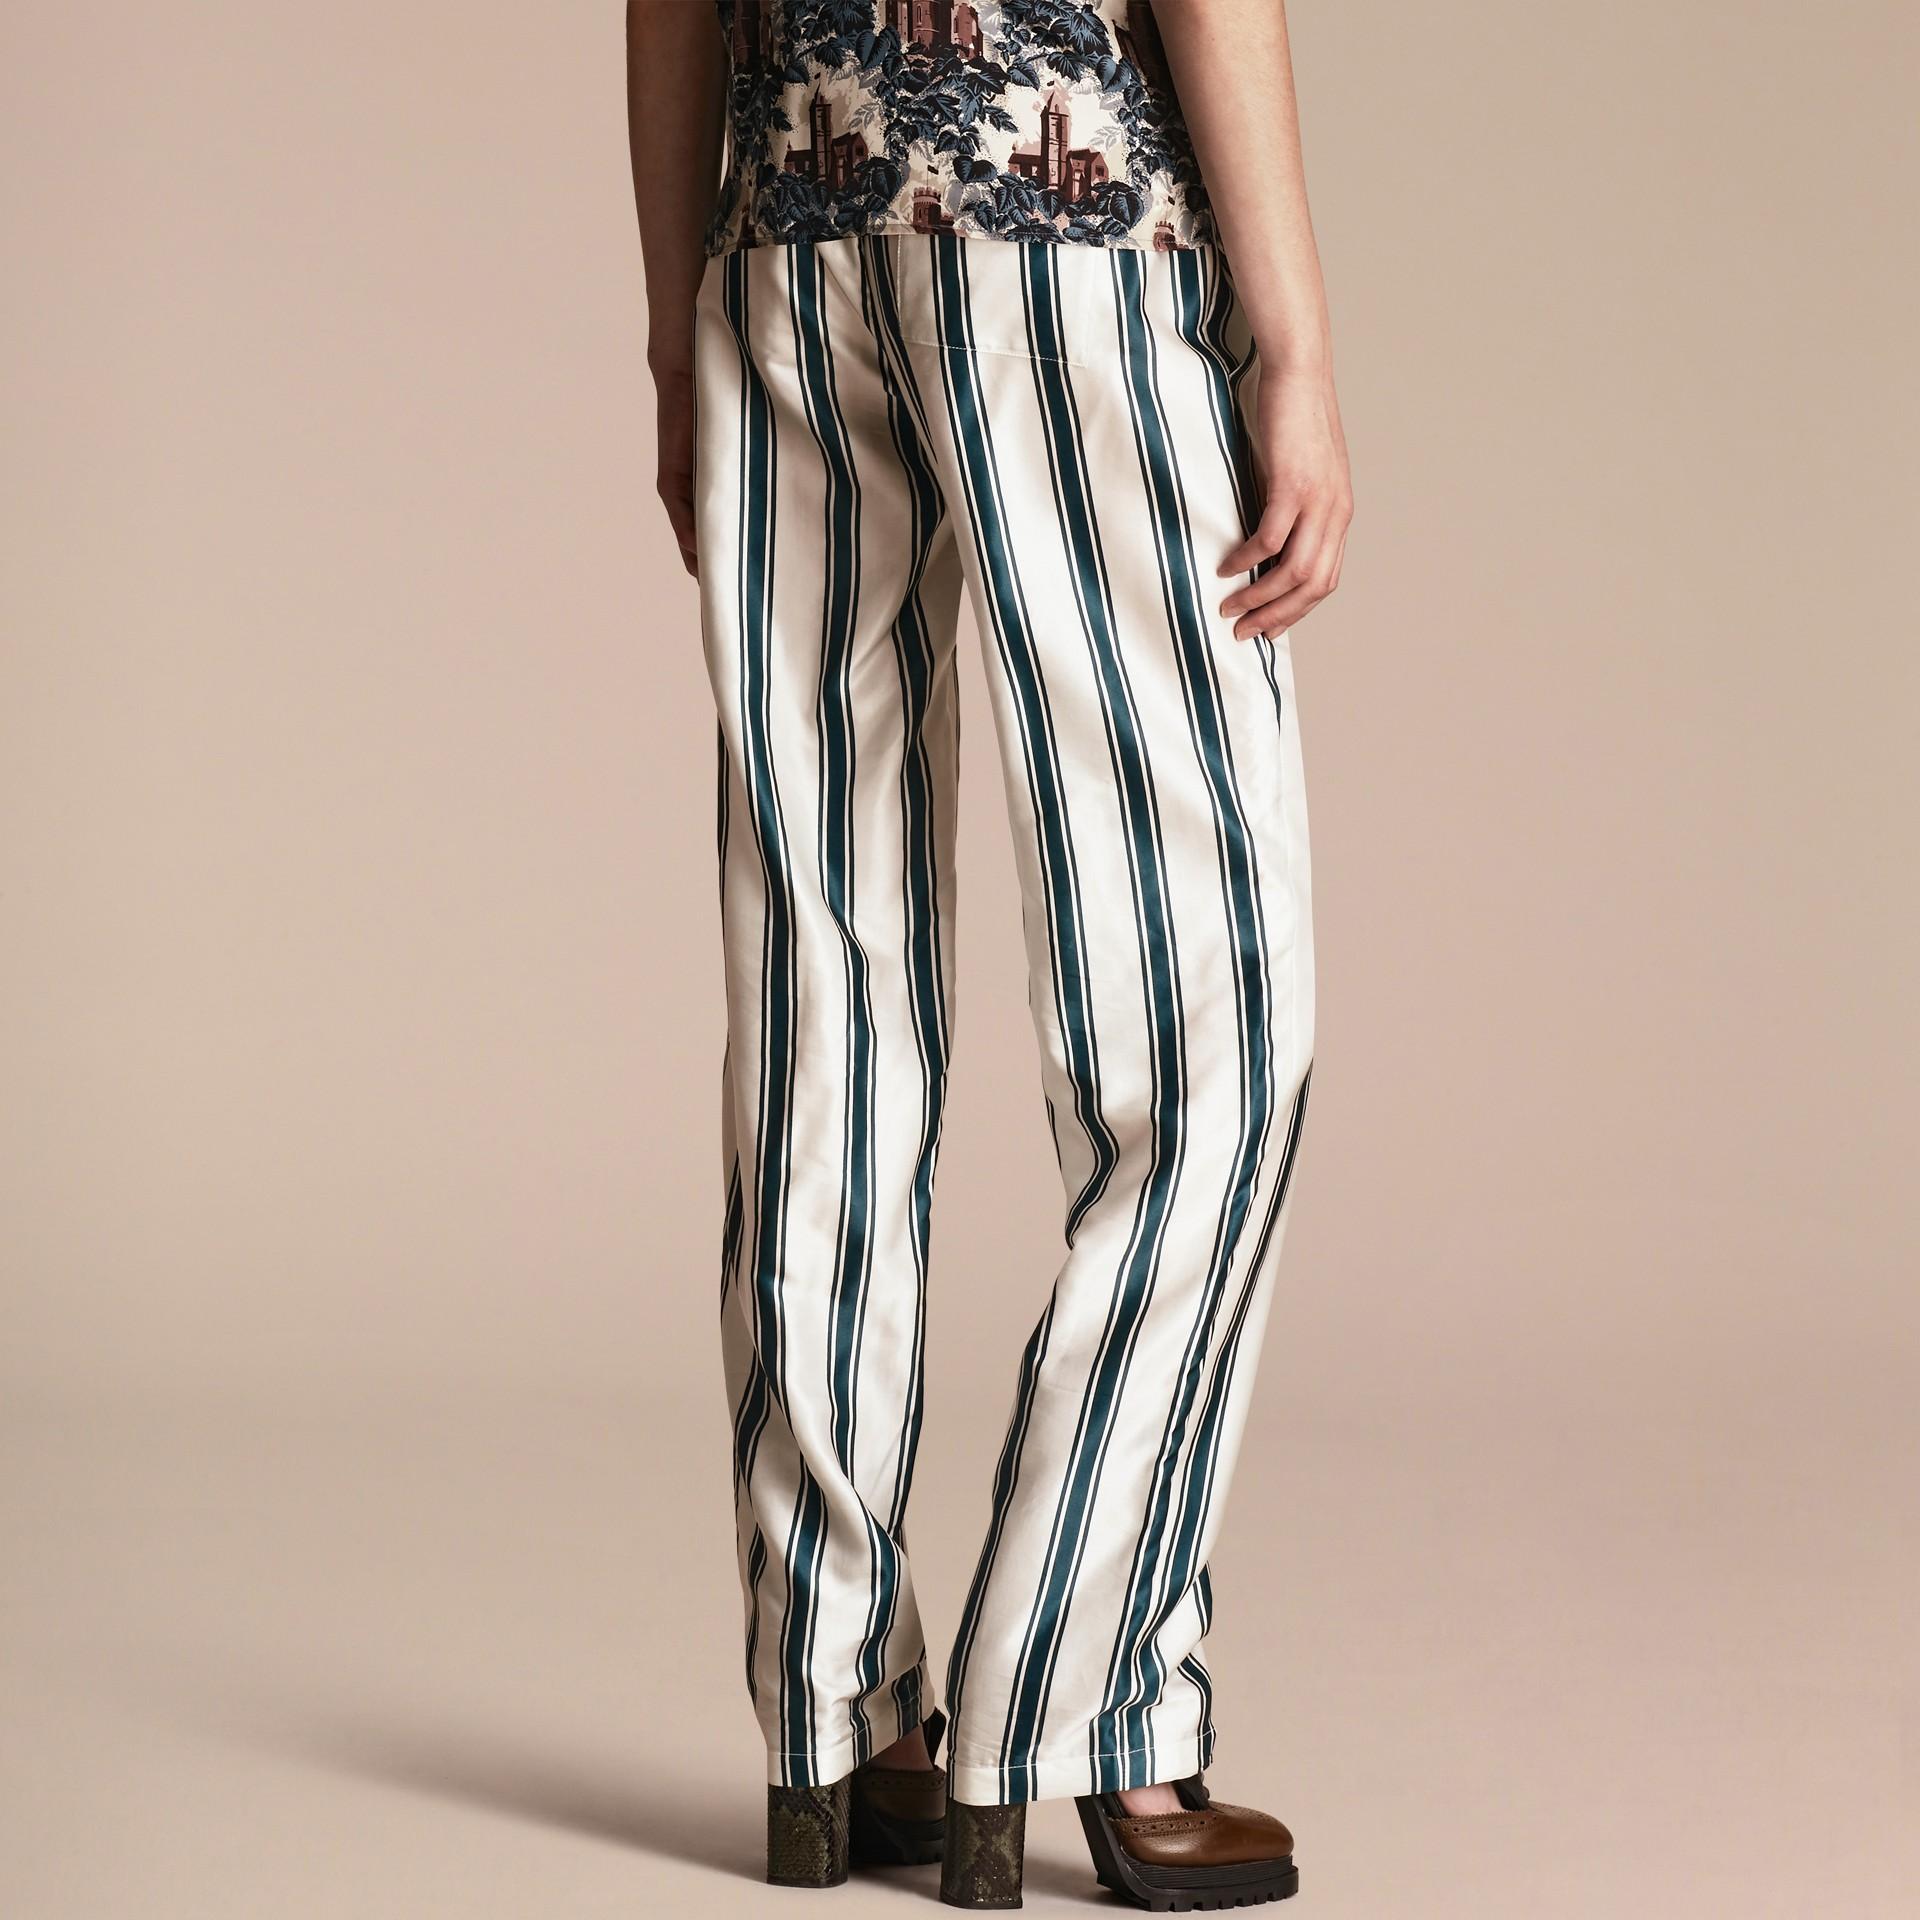 Panama Stripe Cotton Silk Pyjama-style Trousers - gallery image 3